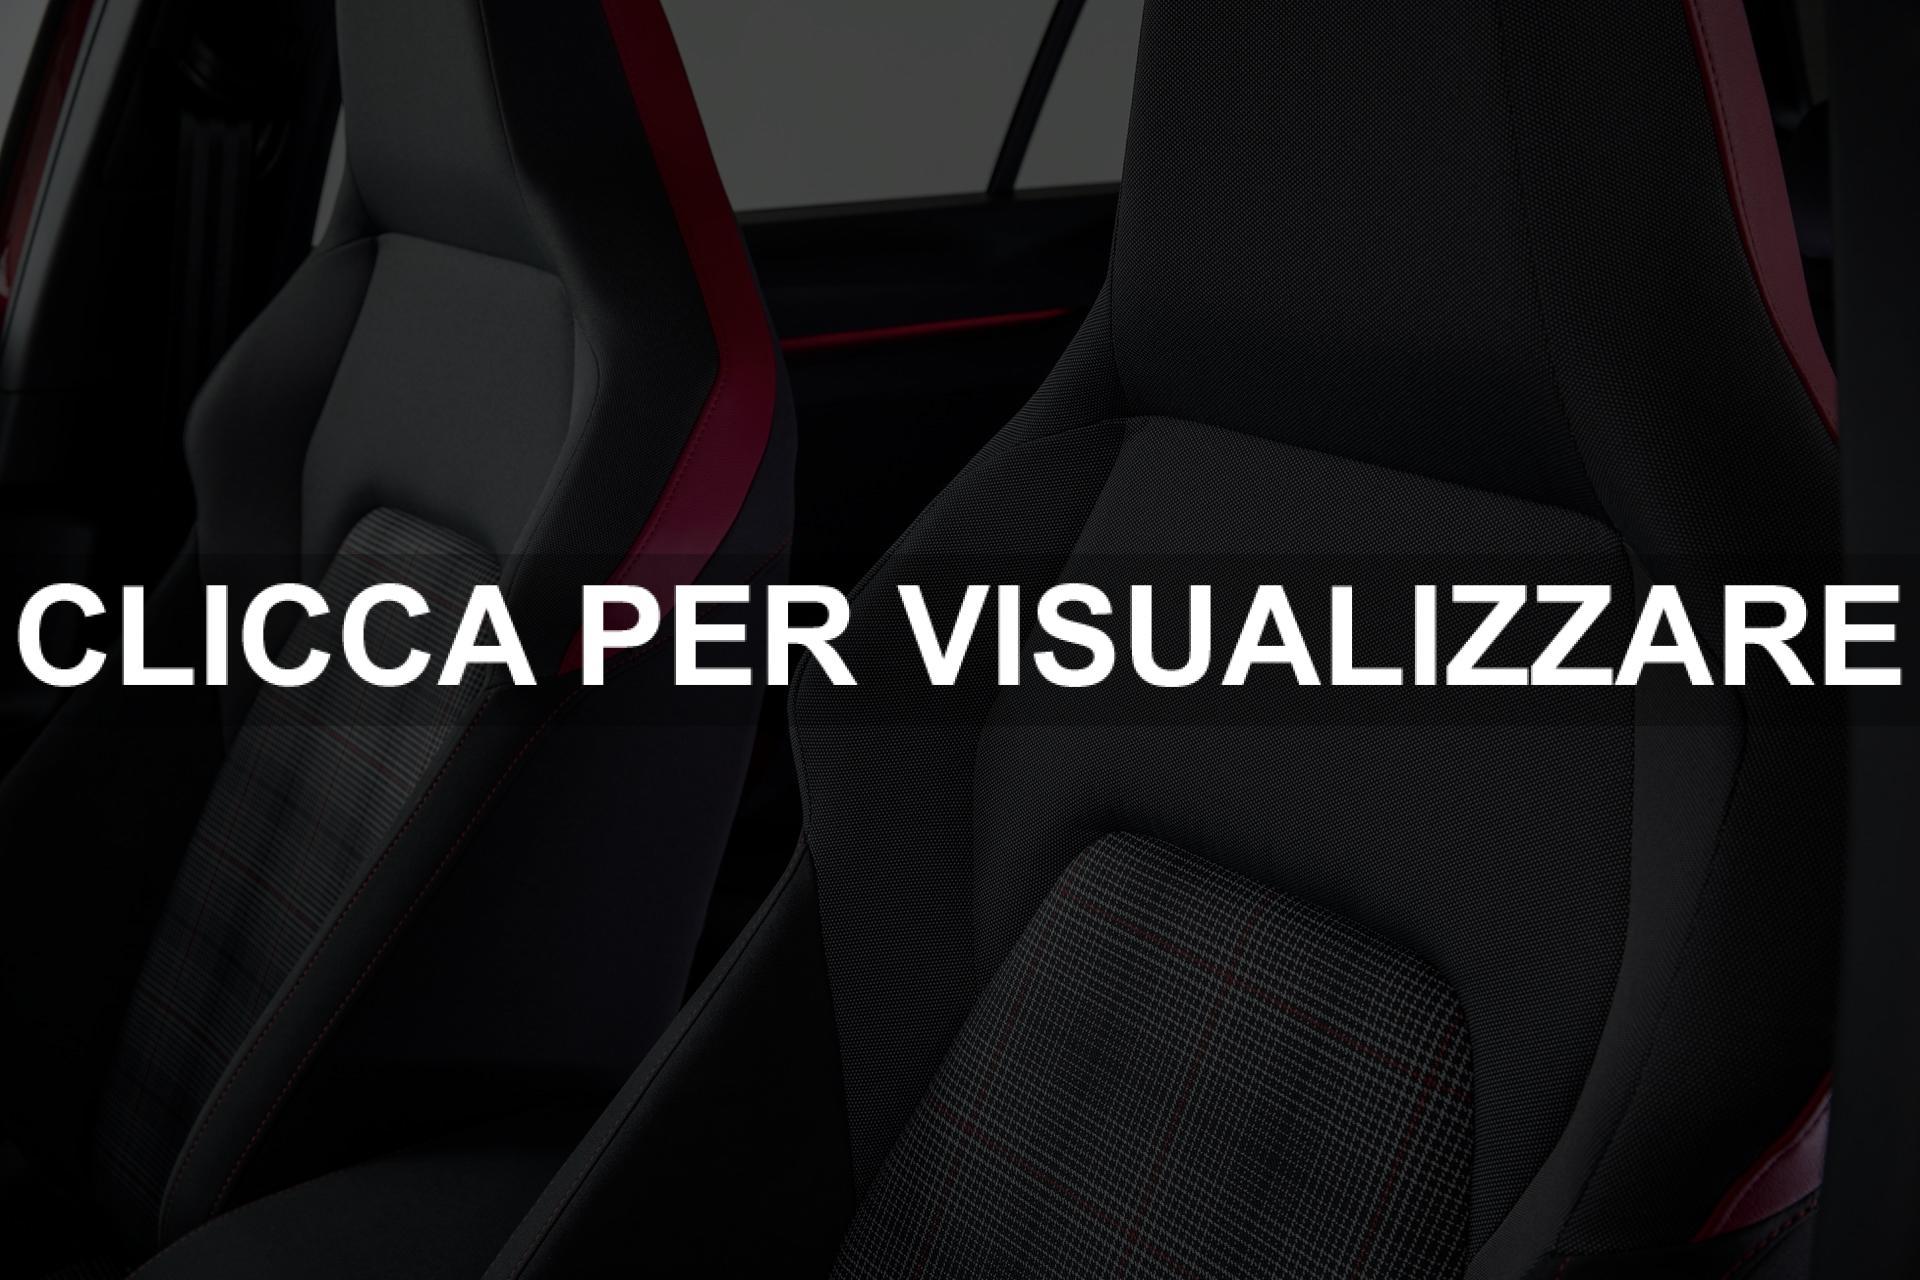 Immagine sedili nuova Volkswagen Golf 8 GTI 2020